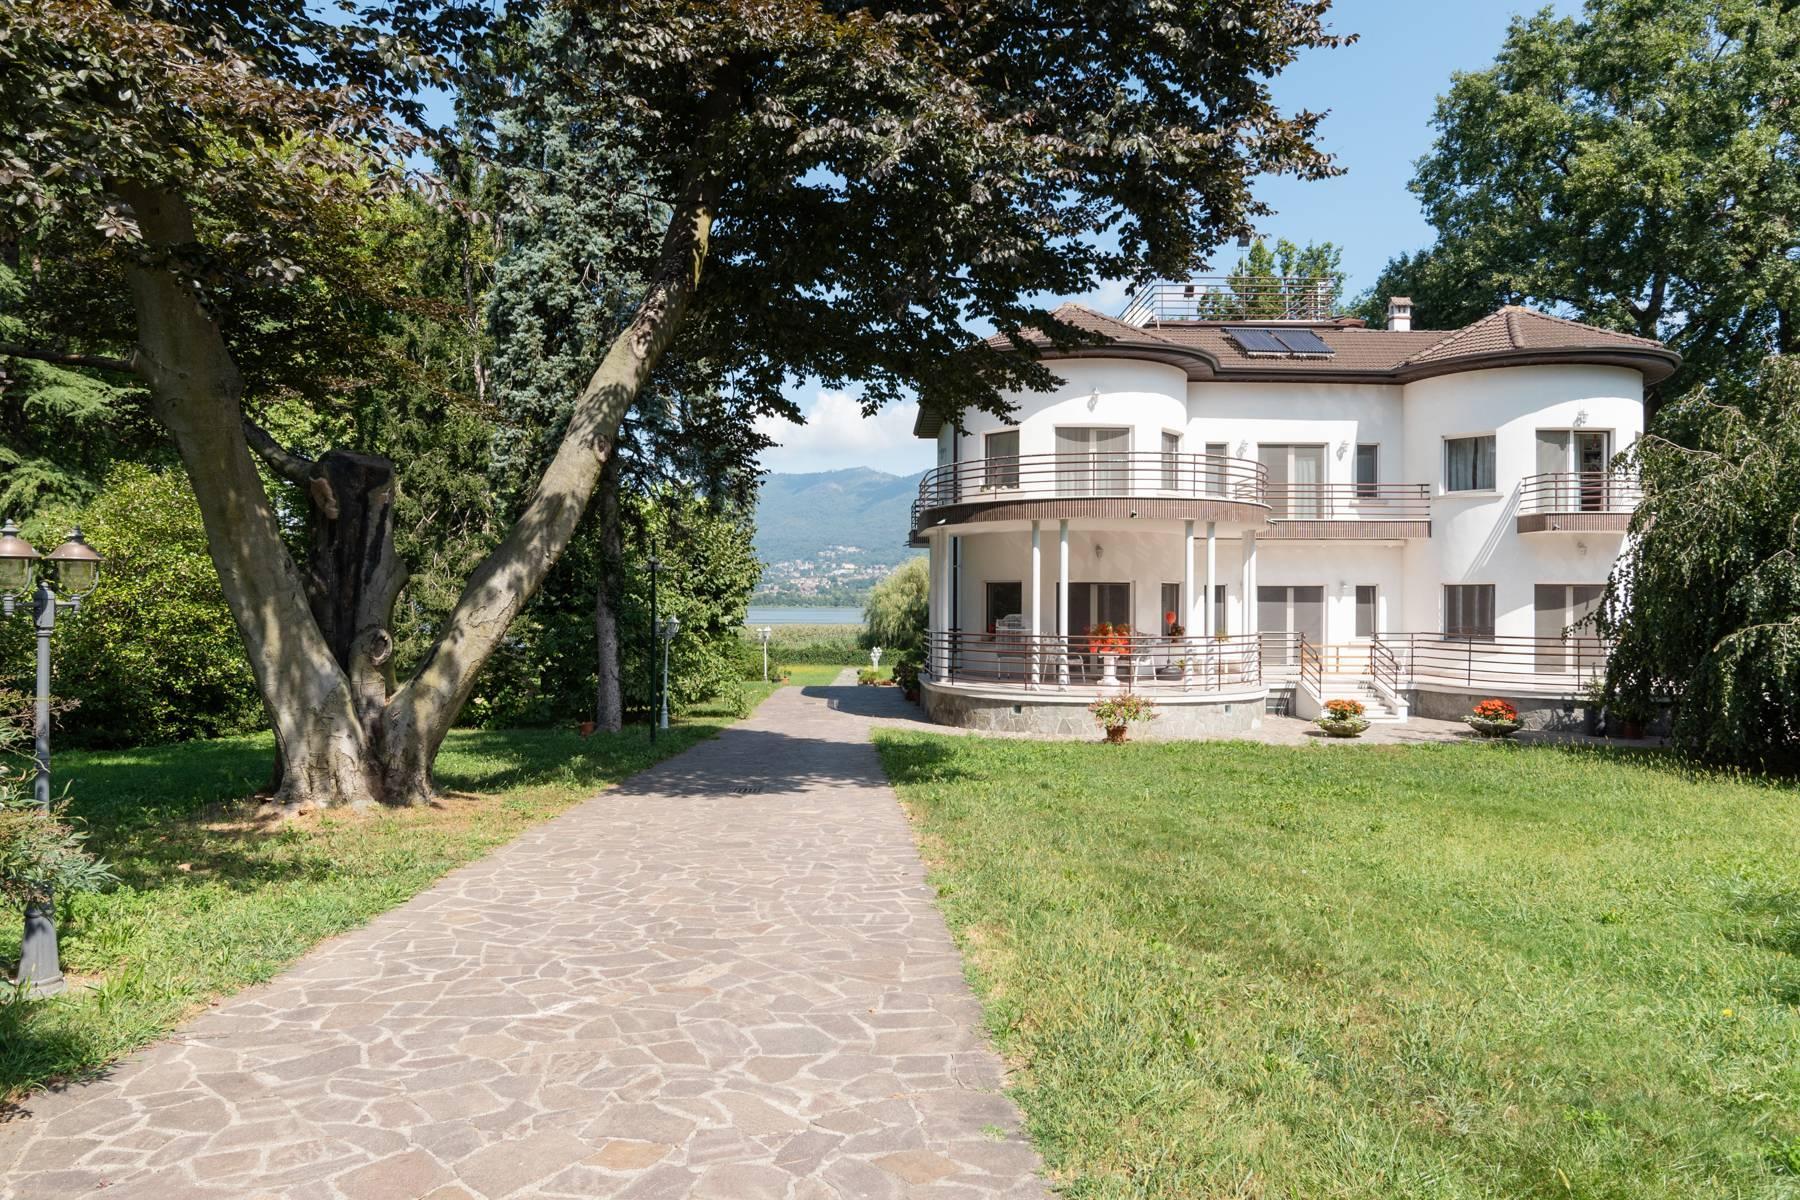 Pieds-dans-l'eau Villa mit Blick auf den See - 1